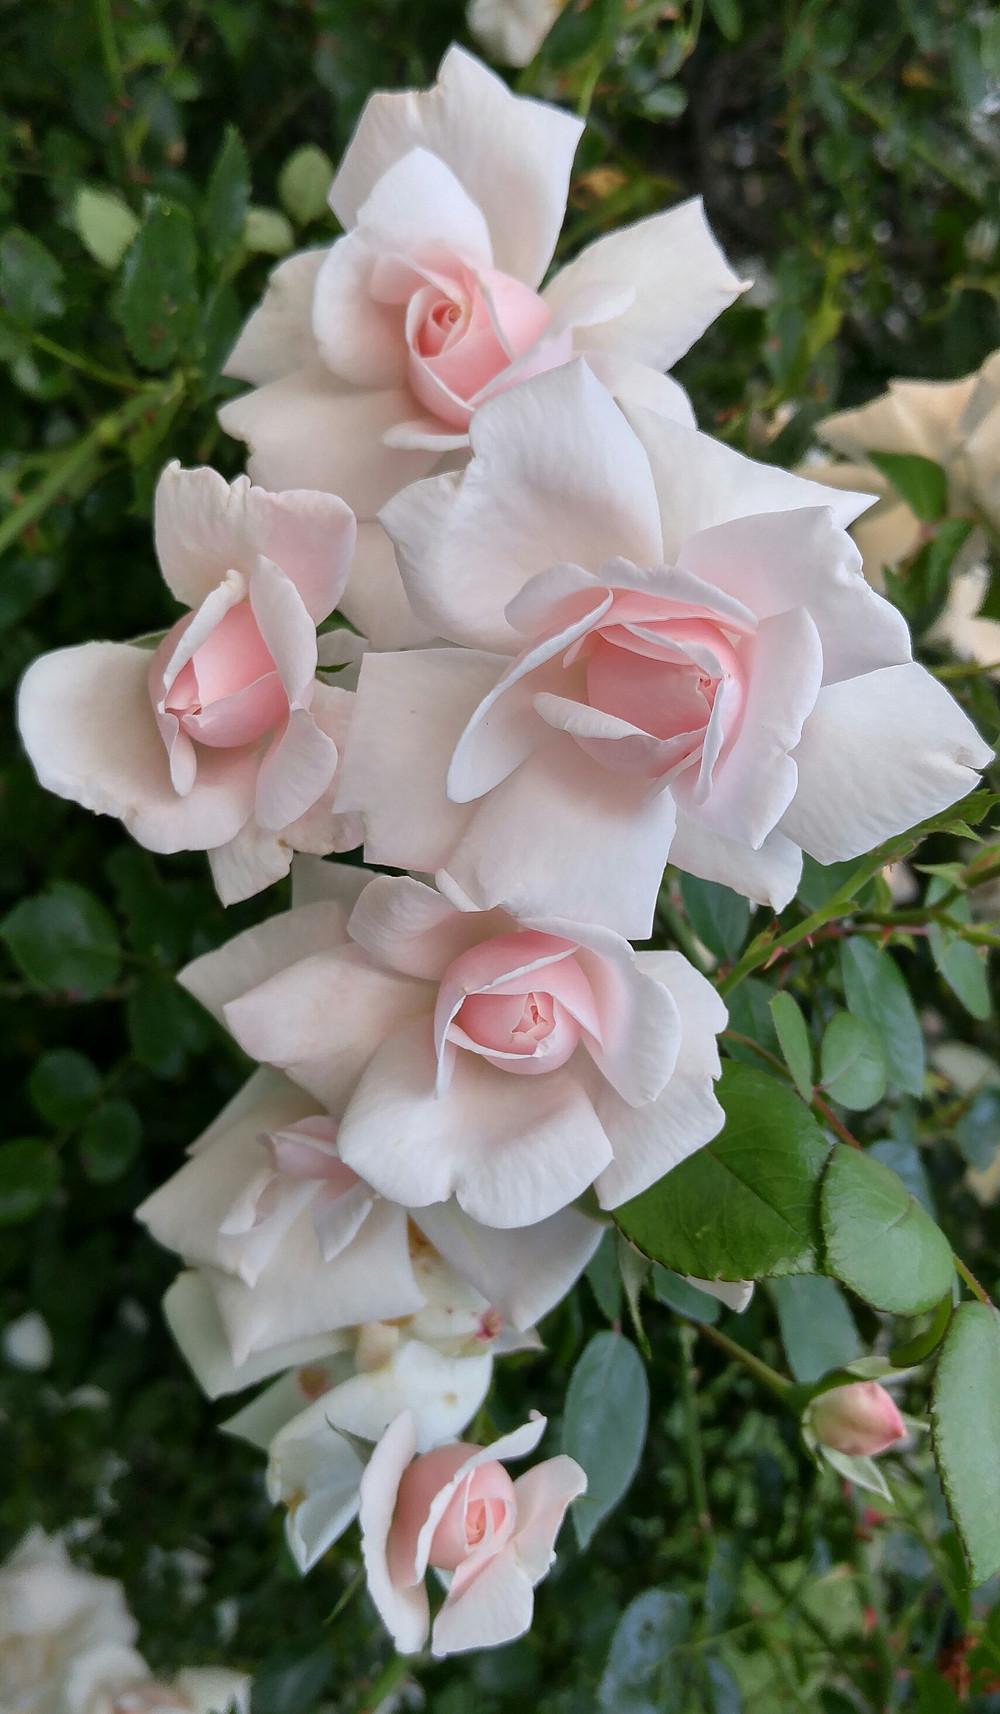 Noisette rose from Carol L.